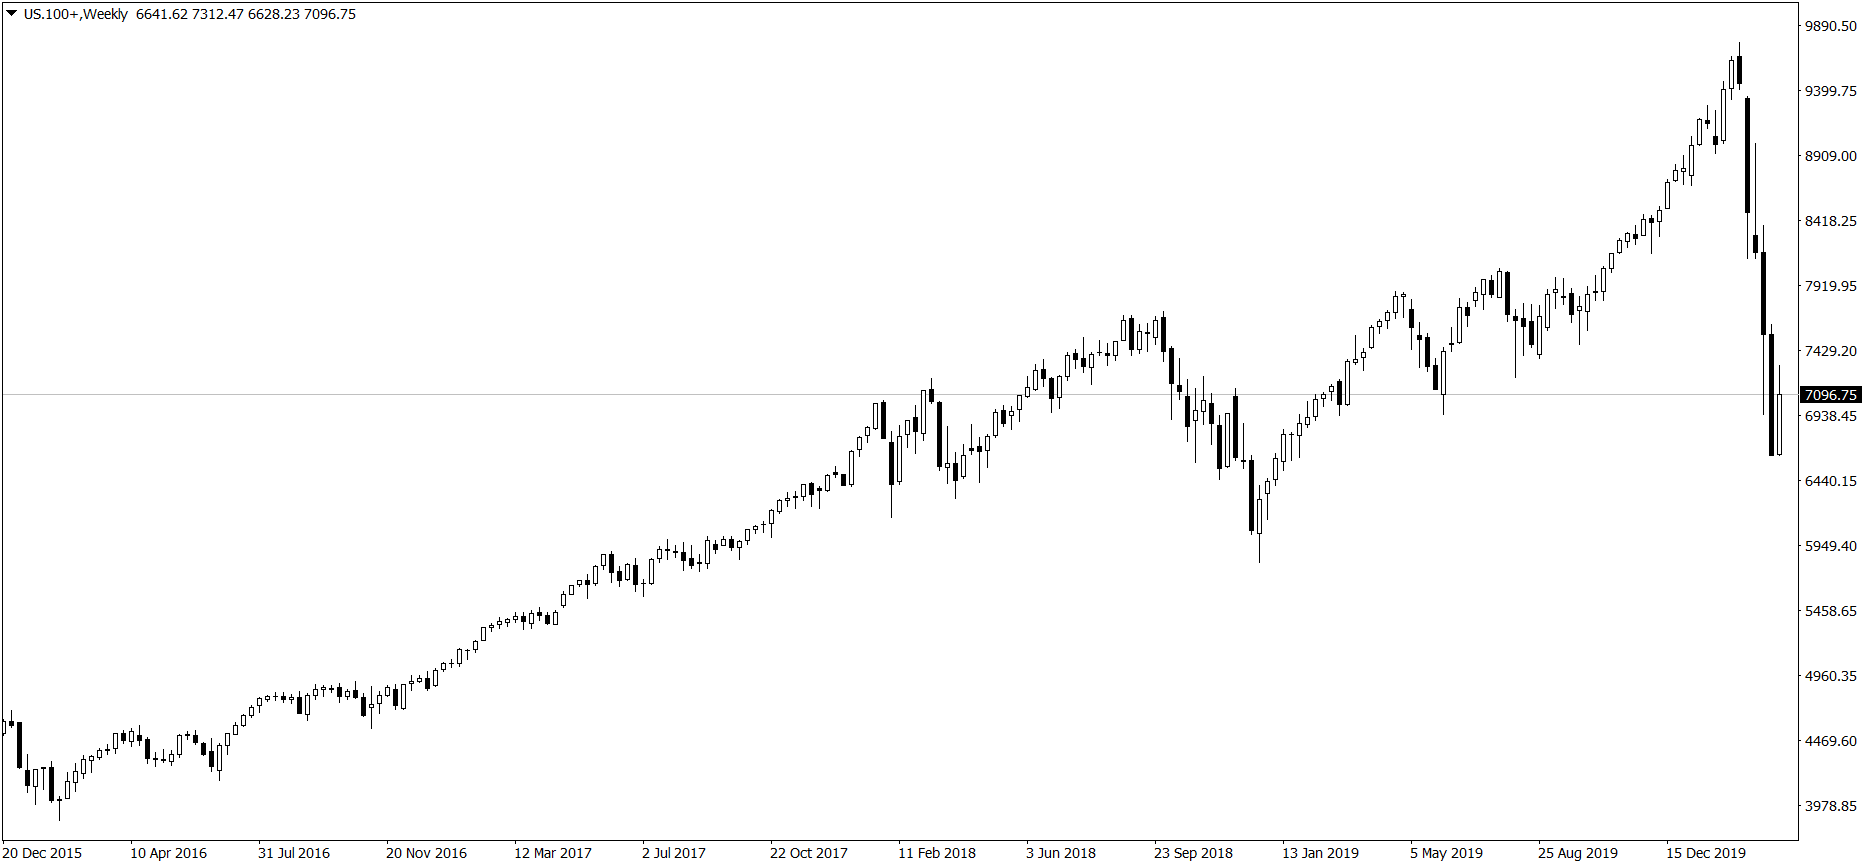 NASDAQ 100 - wykres tygodniowy